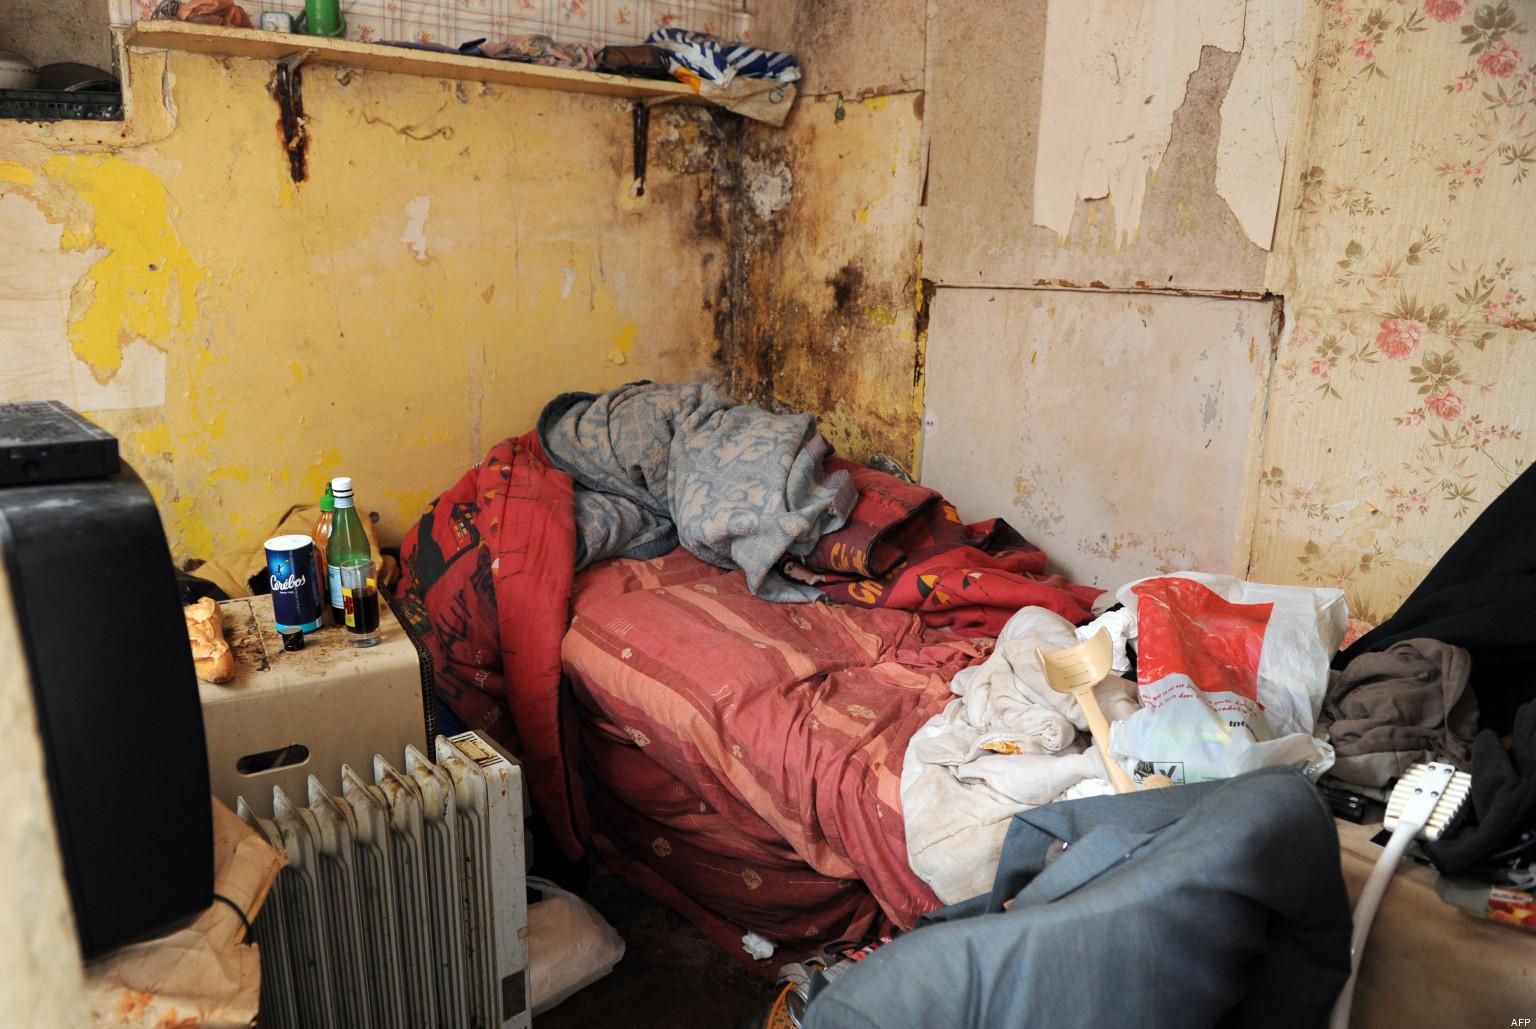 marchands de sommeil c cile duflot s 39 attaque au logement indigne un fl au difficile endiguer. Black Bedroom Furniture Sets. Home Design Ideas